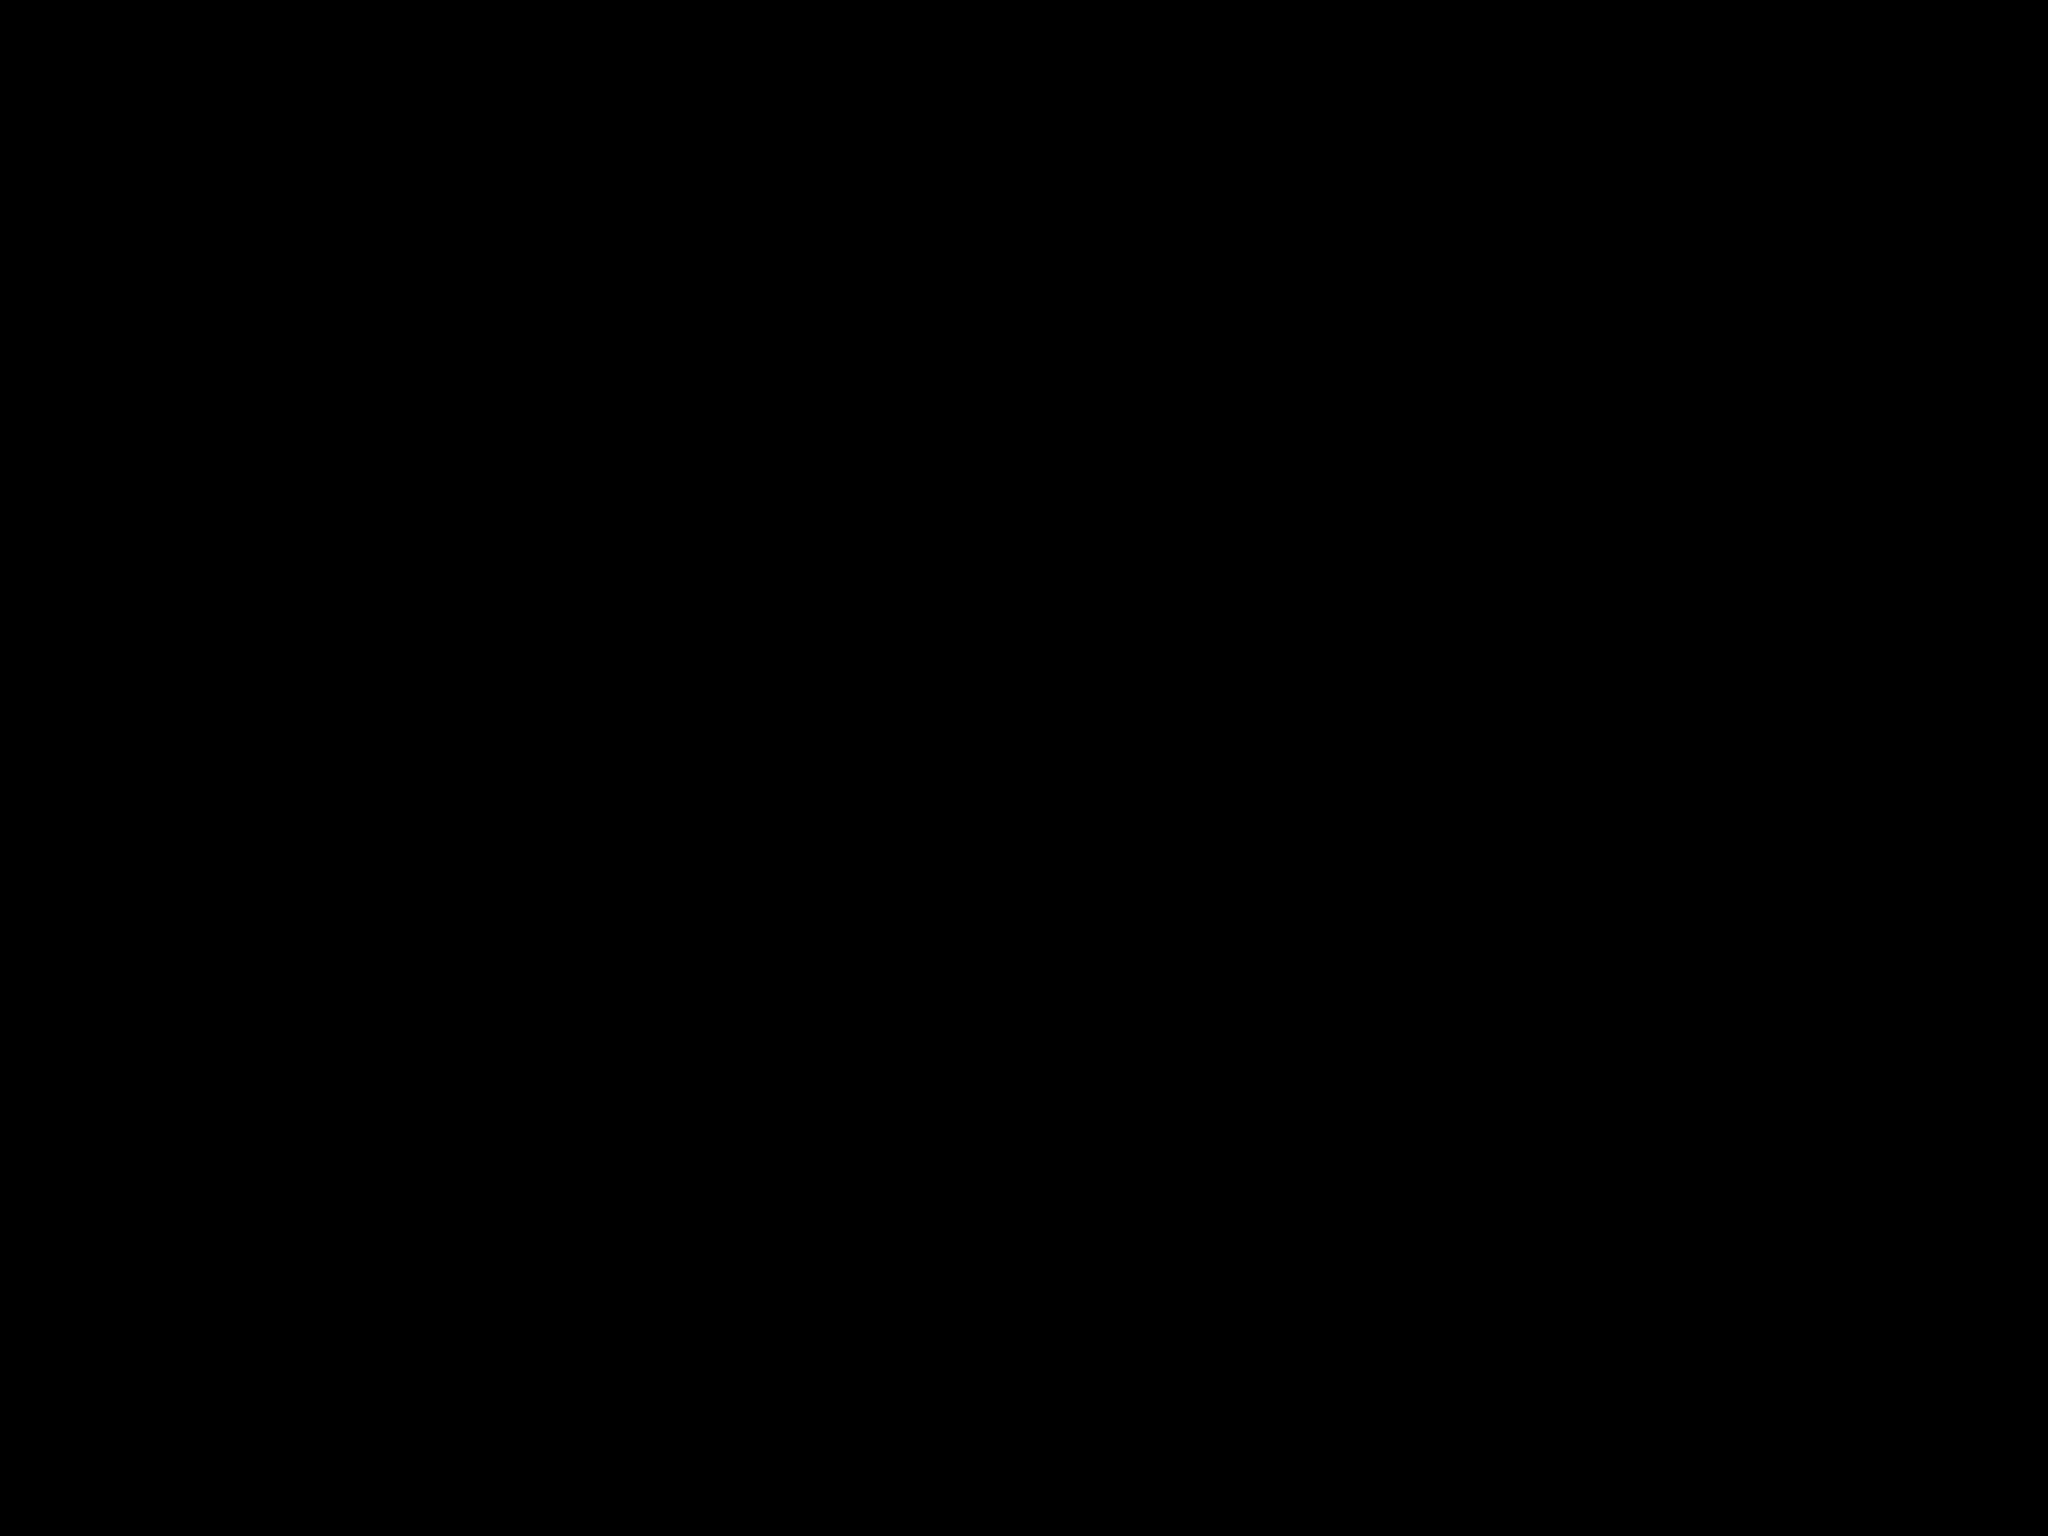 DSCF5358